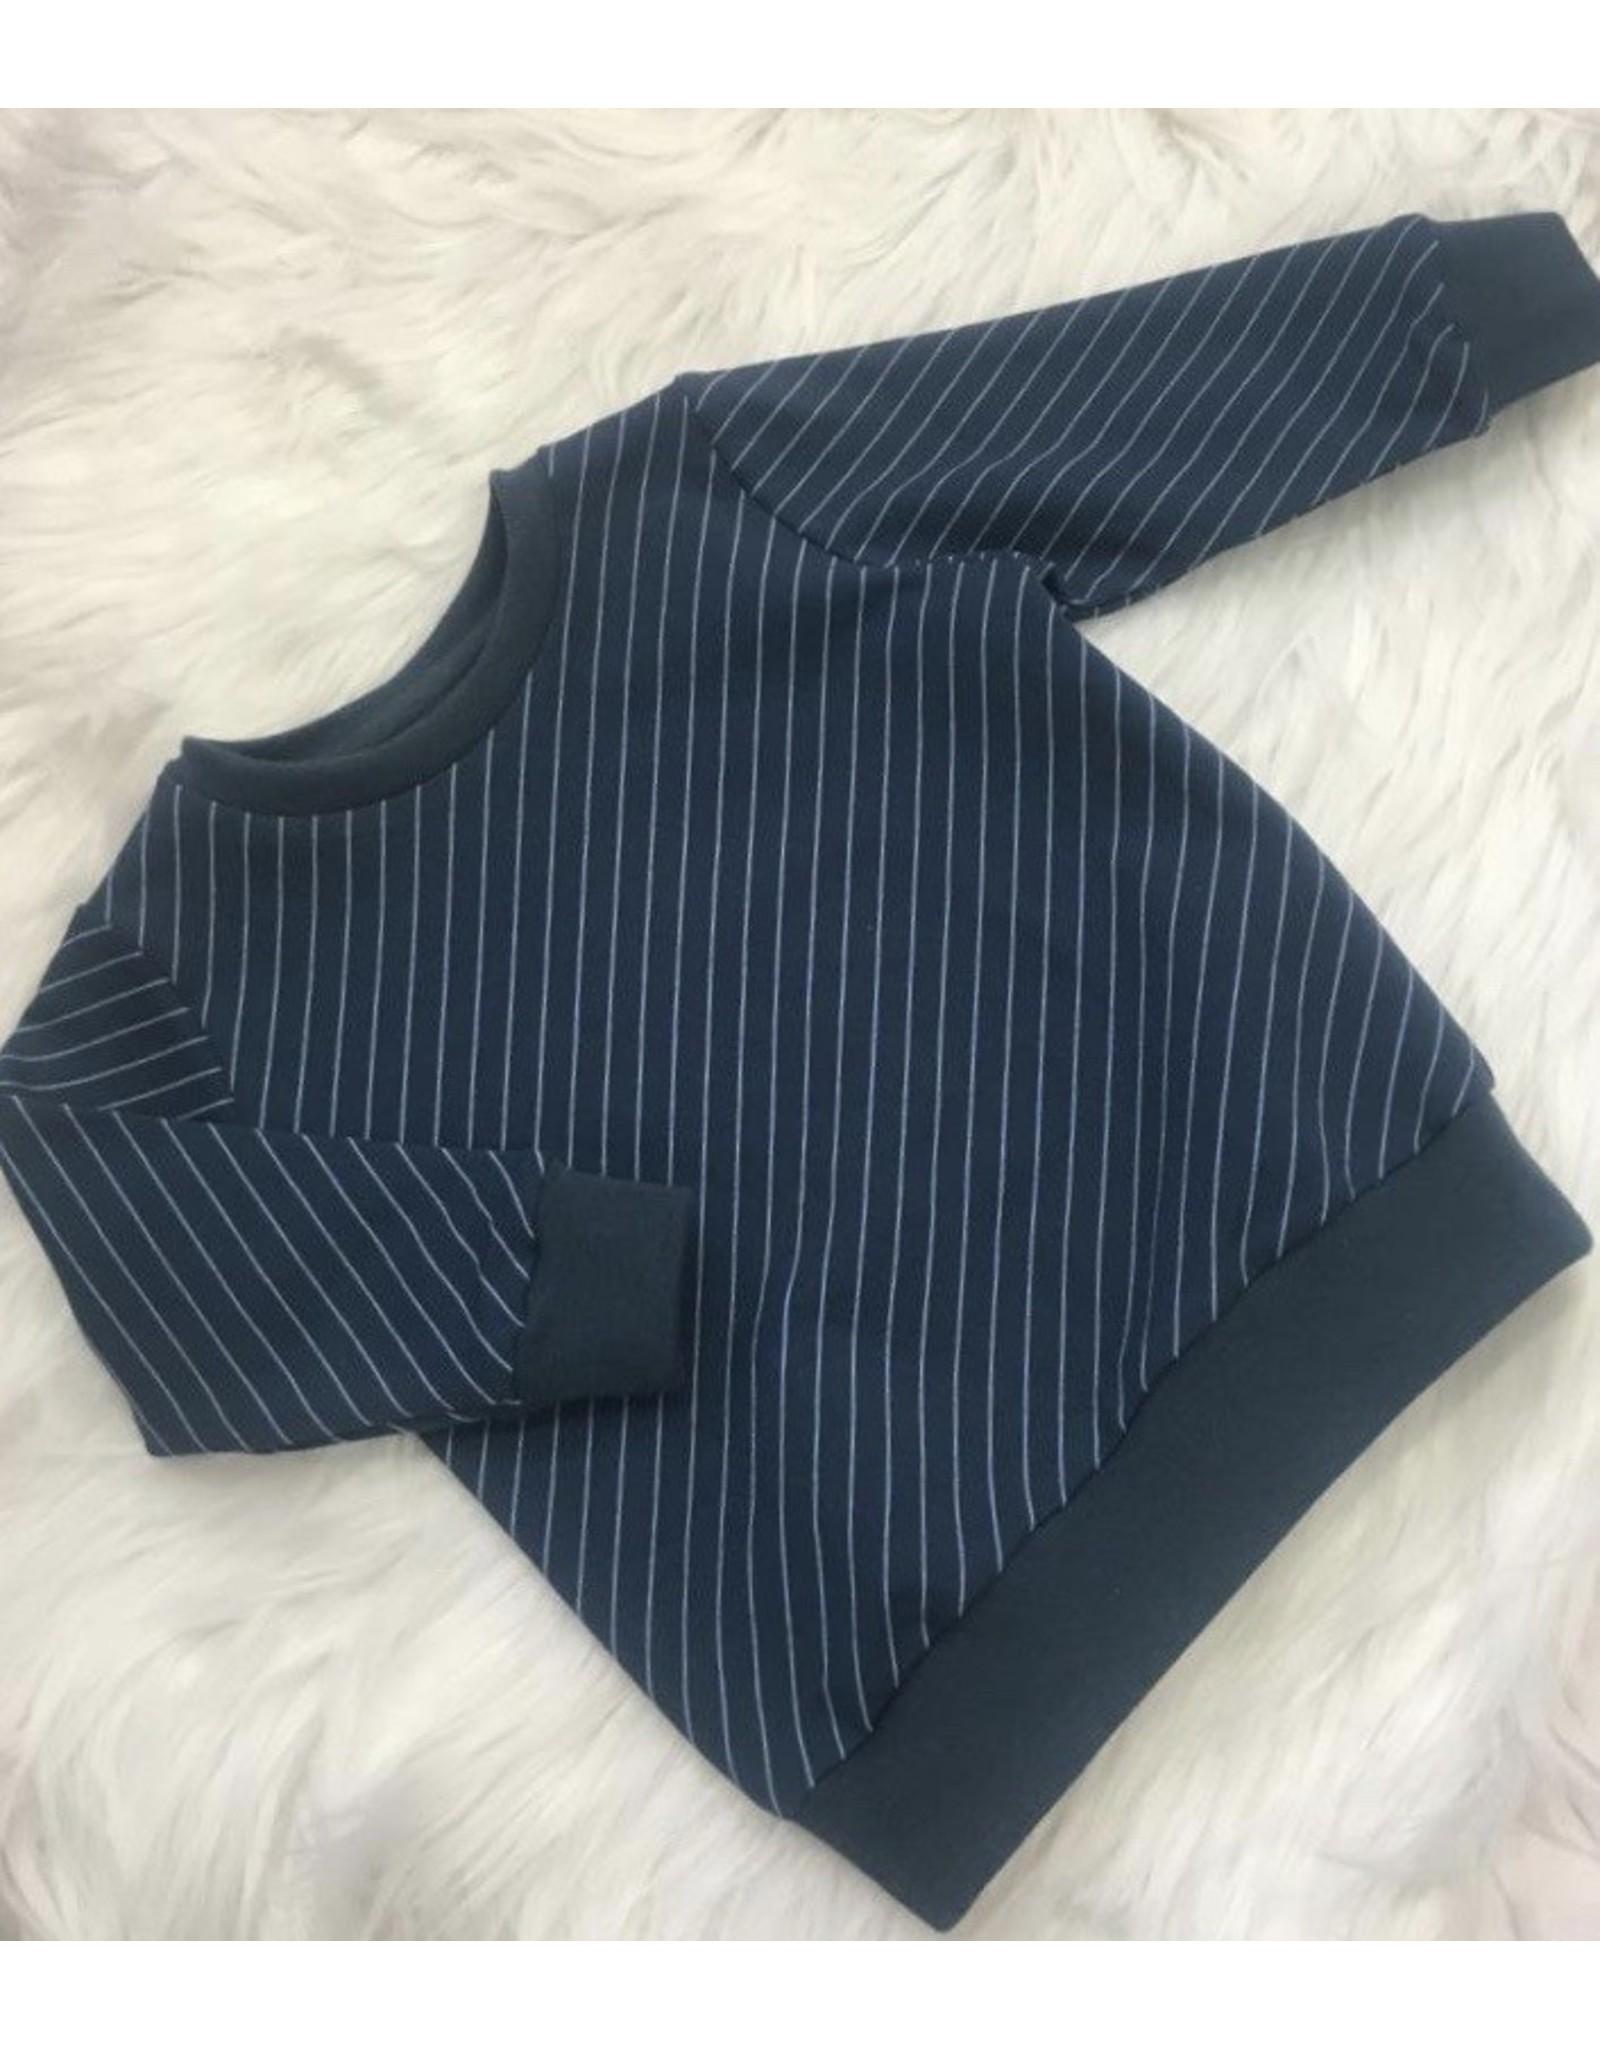 Stik-Stof Morning paper Sweater